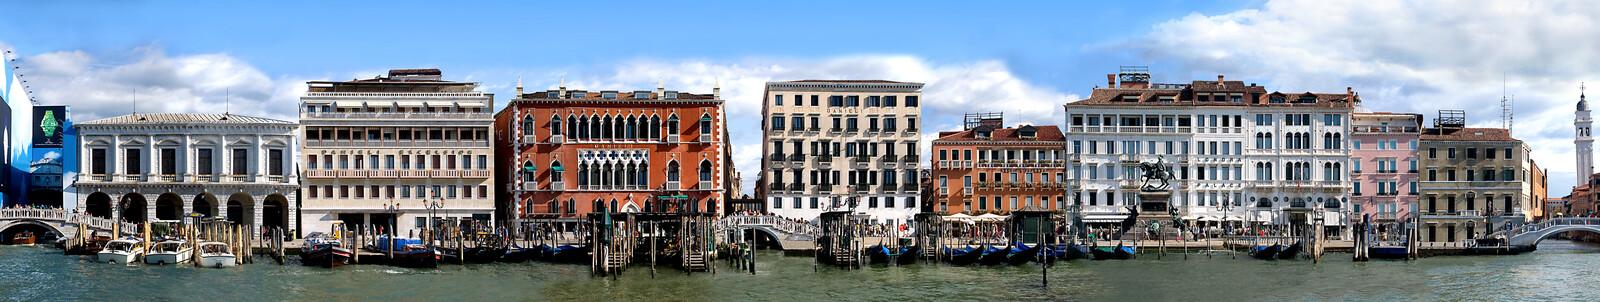 Grand Canal, Riva degli Schiavoni #3 - Larry Yust